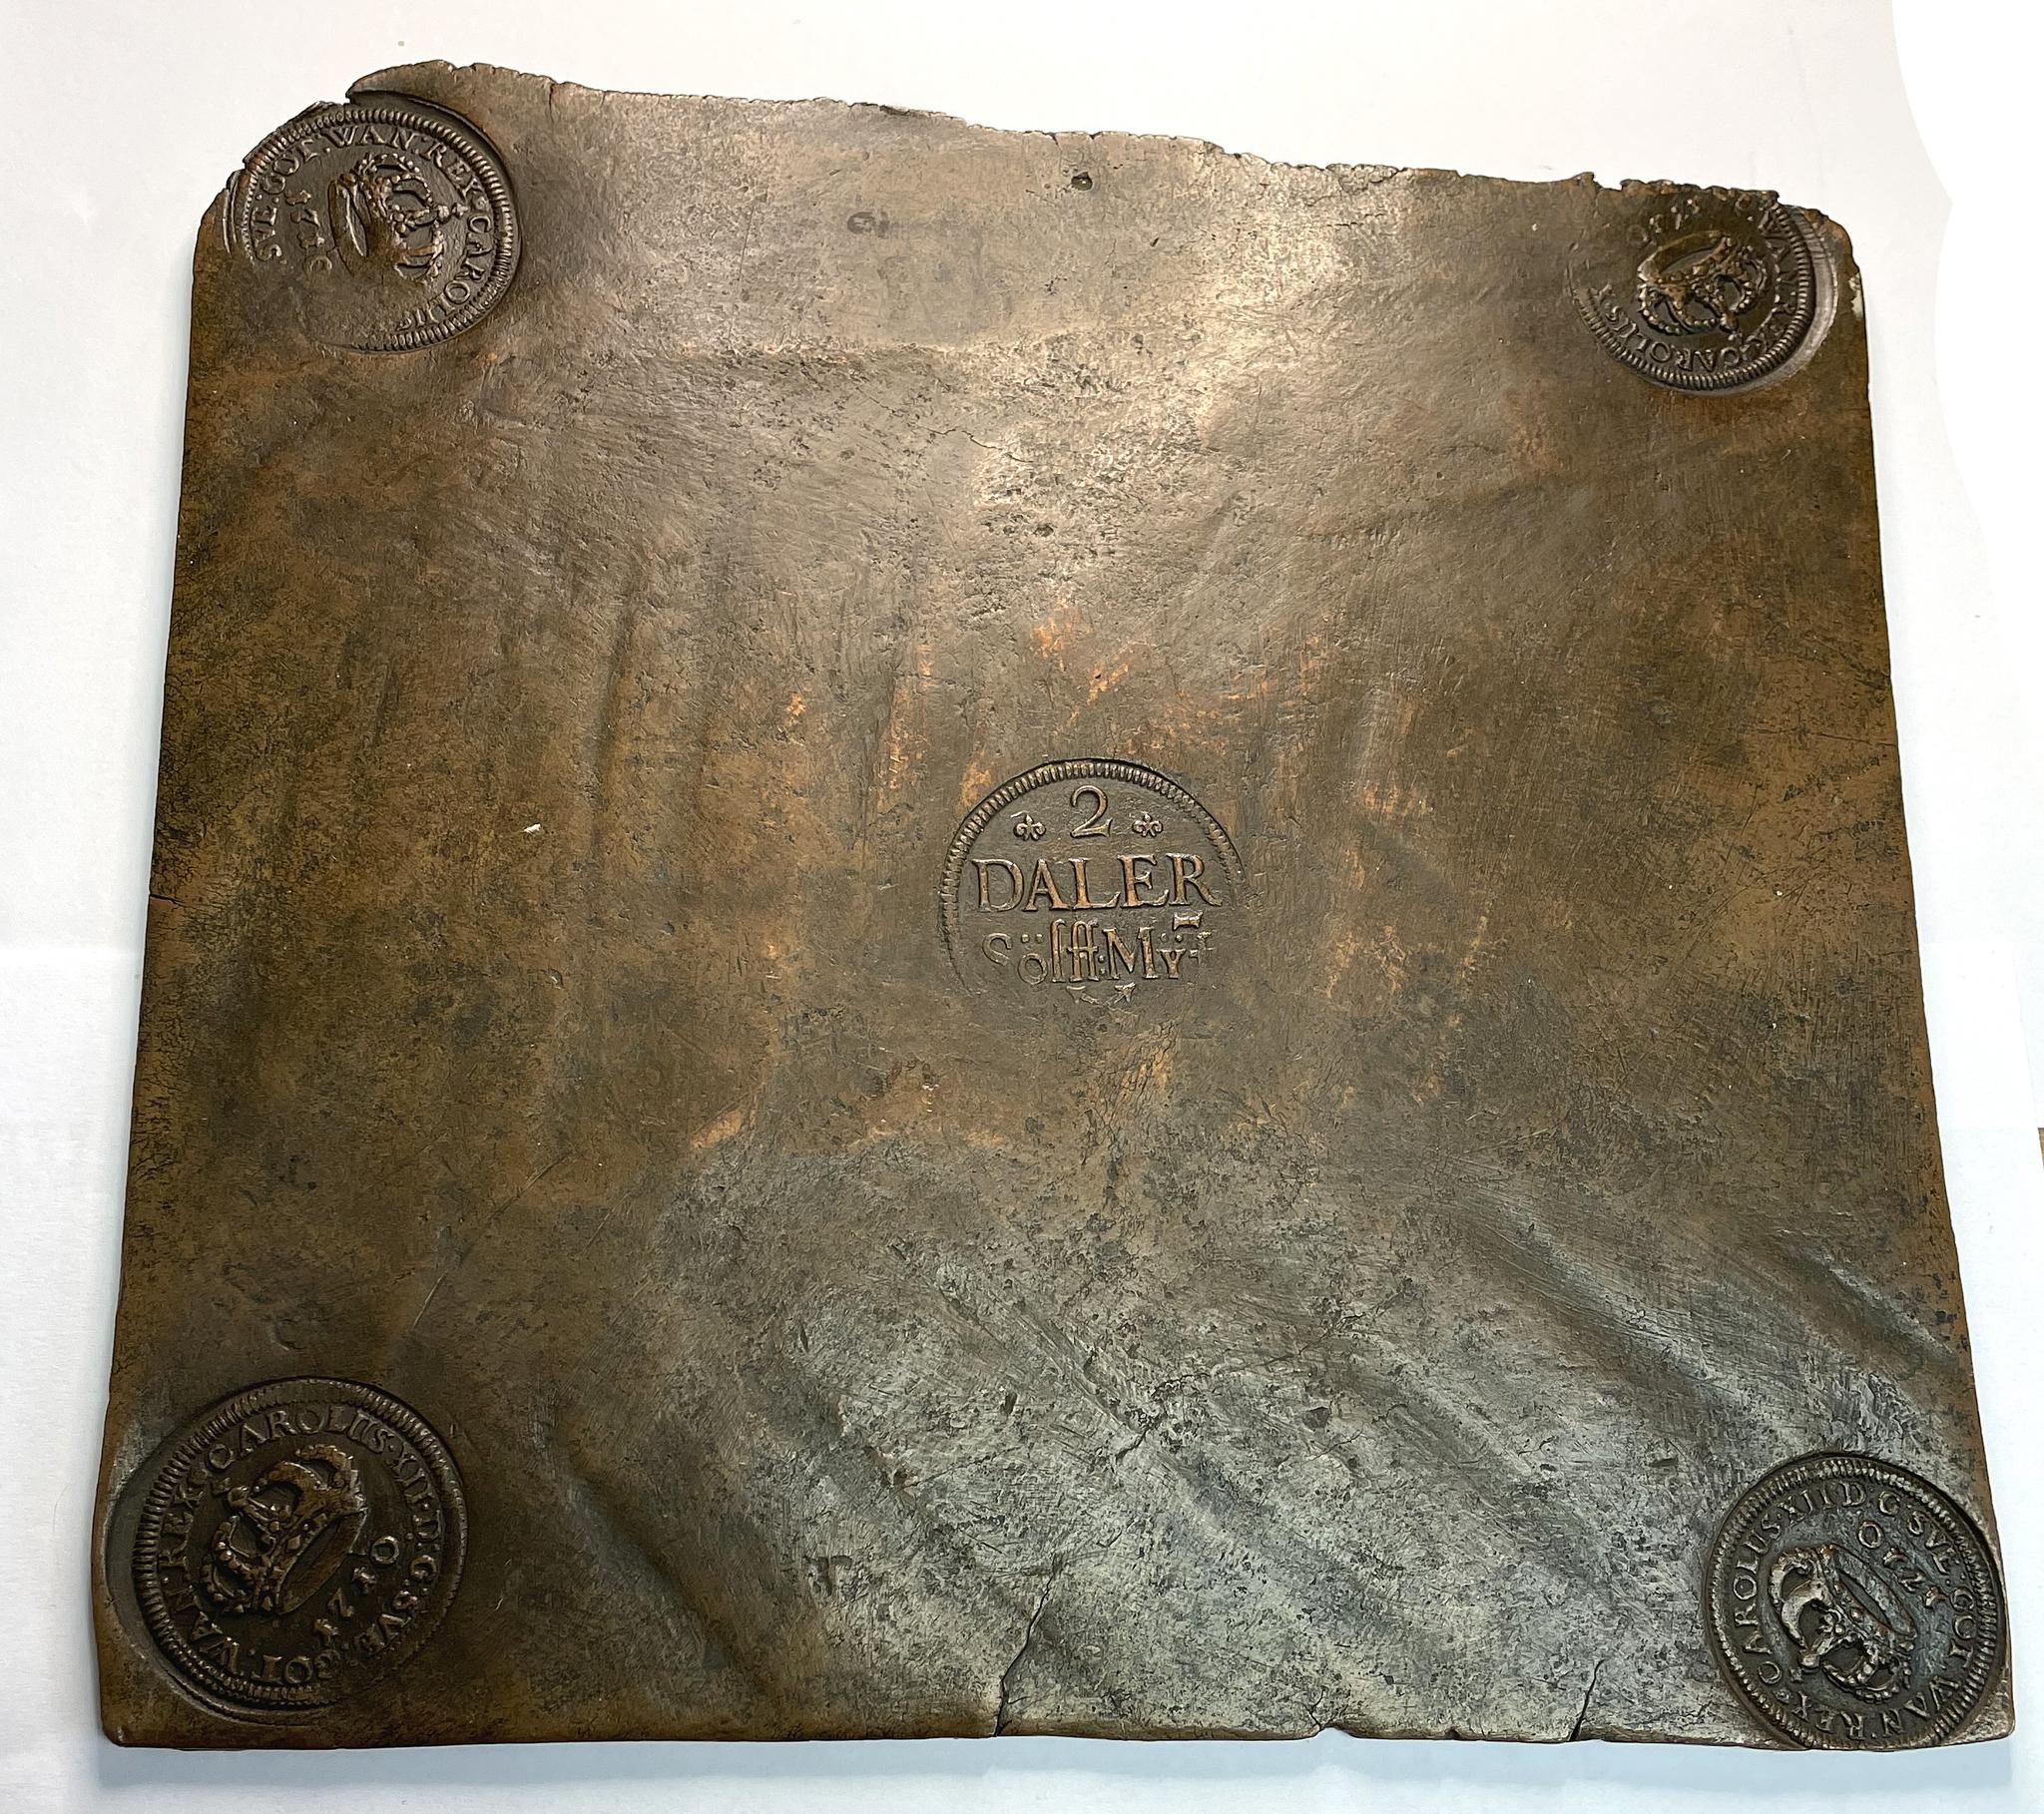 Karl XII - 2 Daler Silvermynt 1710 - Ovanligt vackert och tilltalande exemplar med fina stämplar